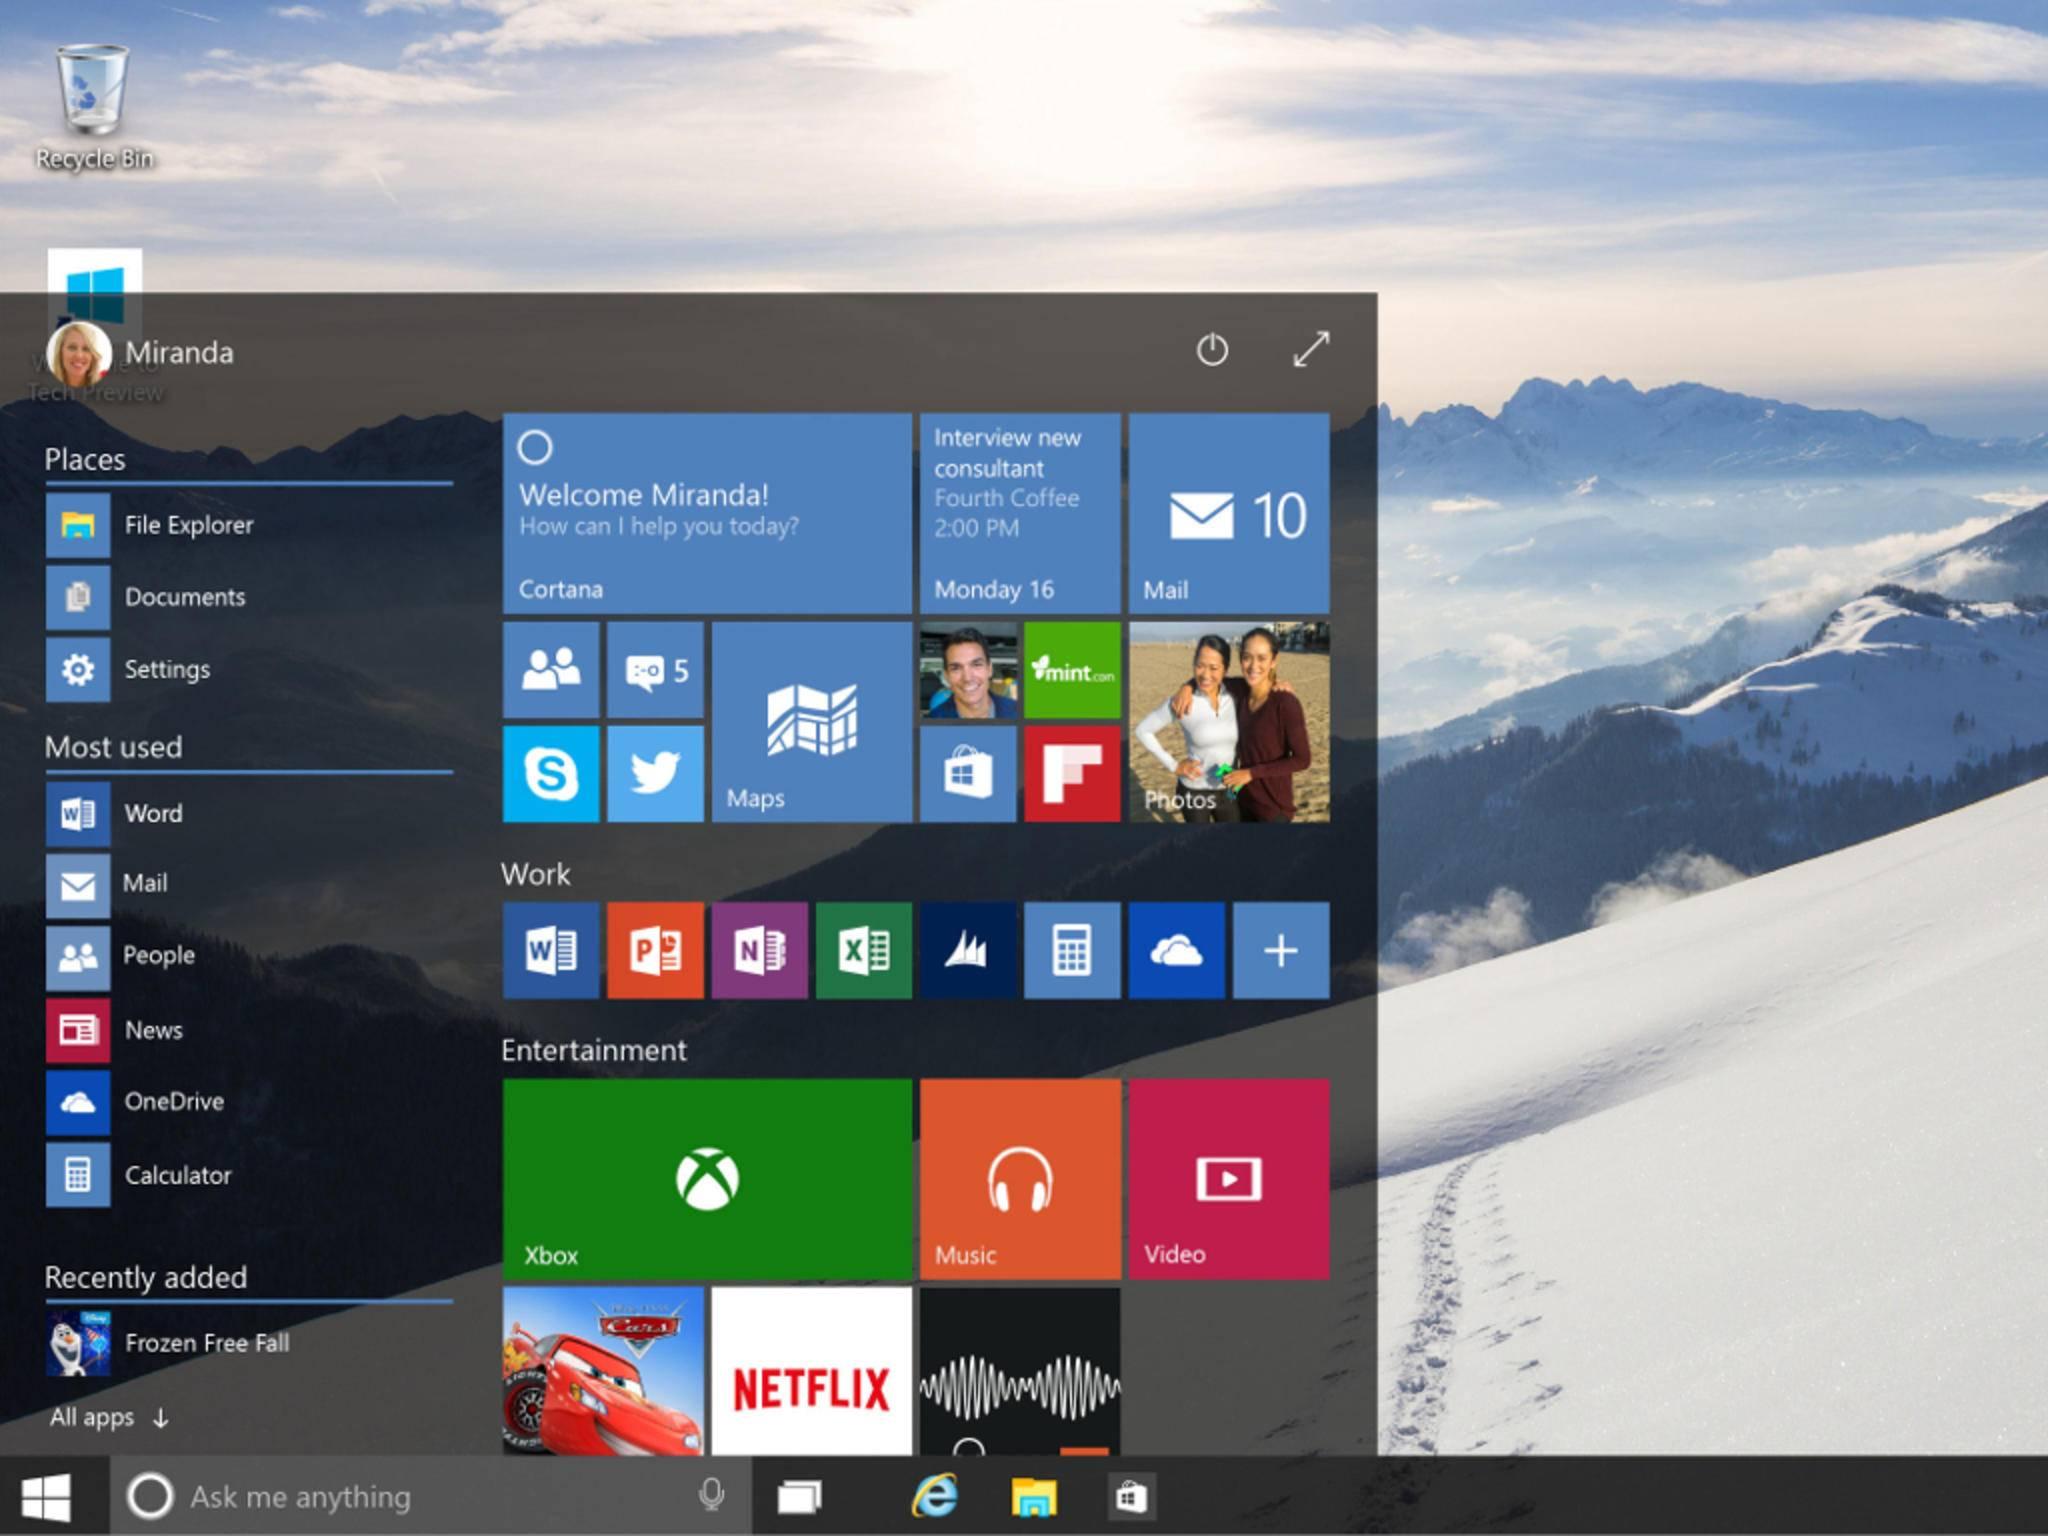 Der neue Startbildschirm vereint Elemente aus Windows 7 und 8.